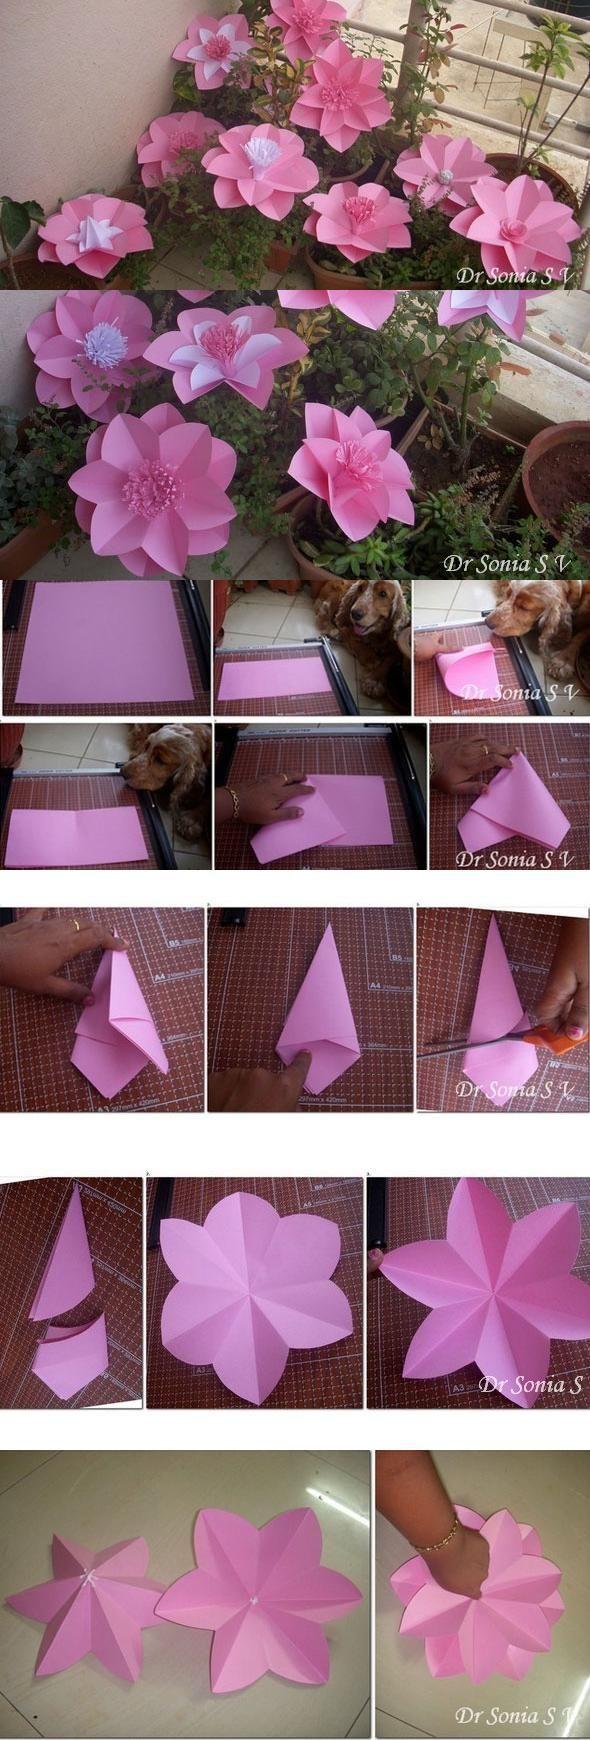 Бумажные цветыукрашения партии Учебник  DIY KLIP OG KLISTER I